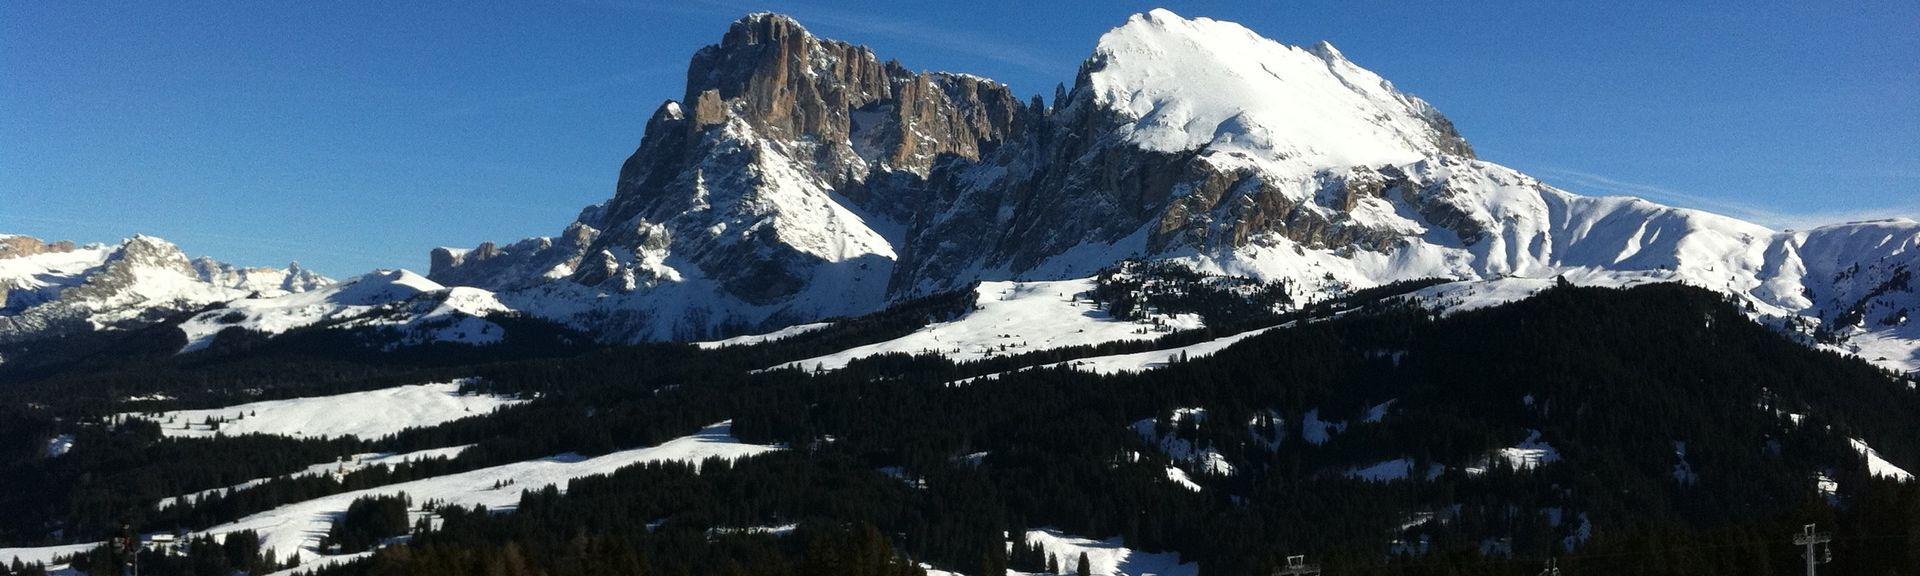 Alta Badia, Trentino-Alto Adige, Italia